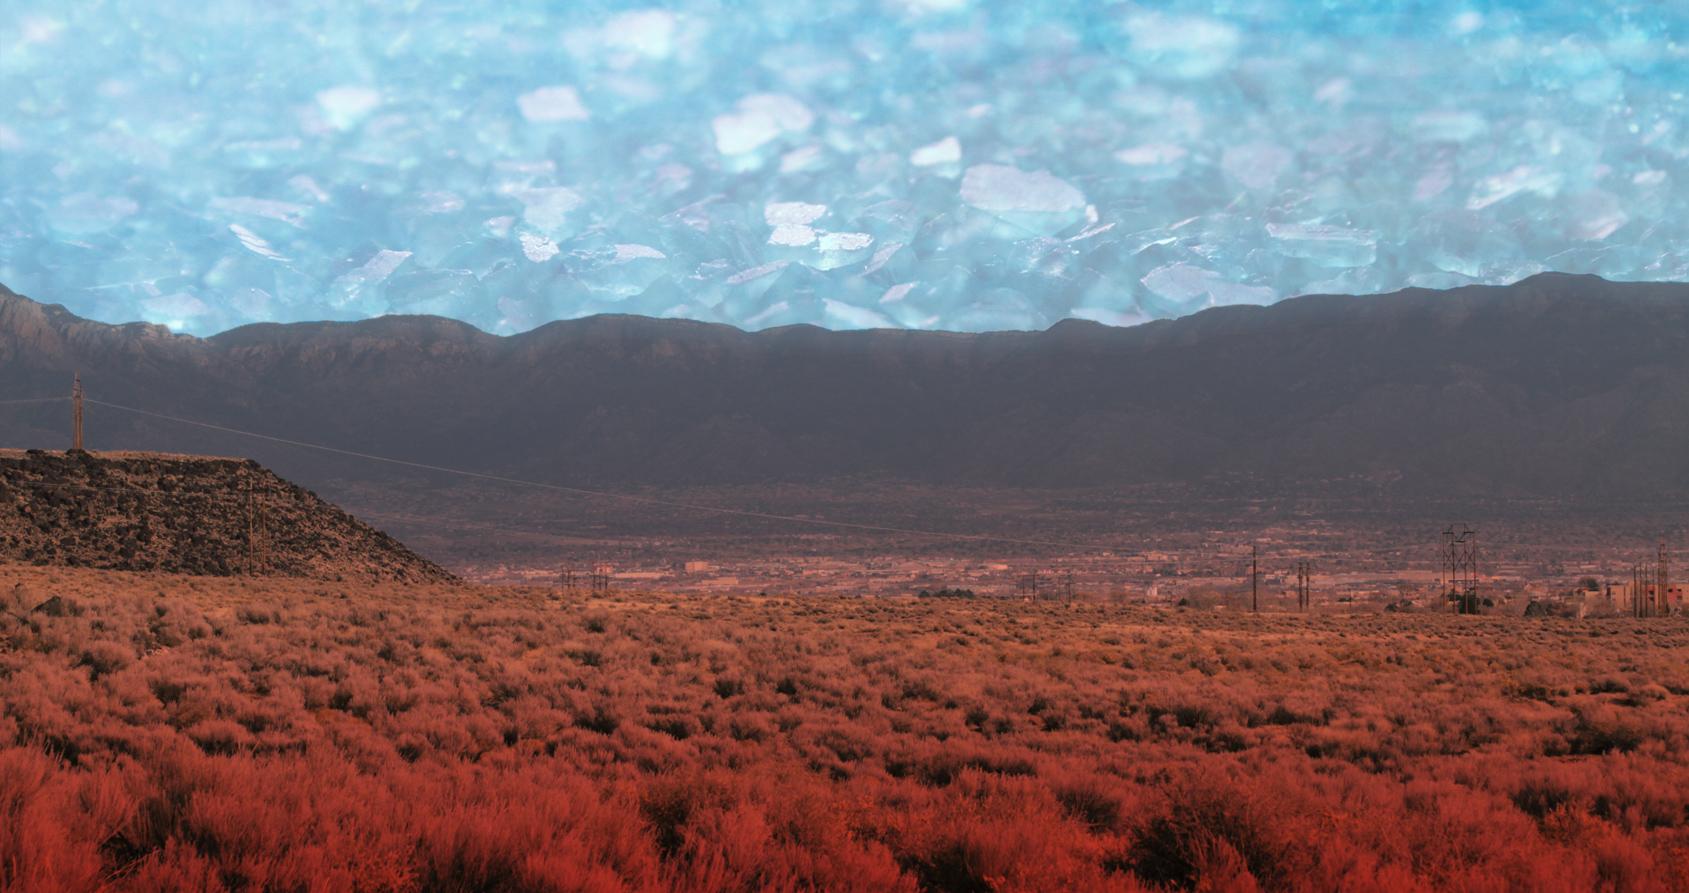 Comment fonctionne le trafic de meth au Nouveau-Mexique